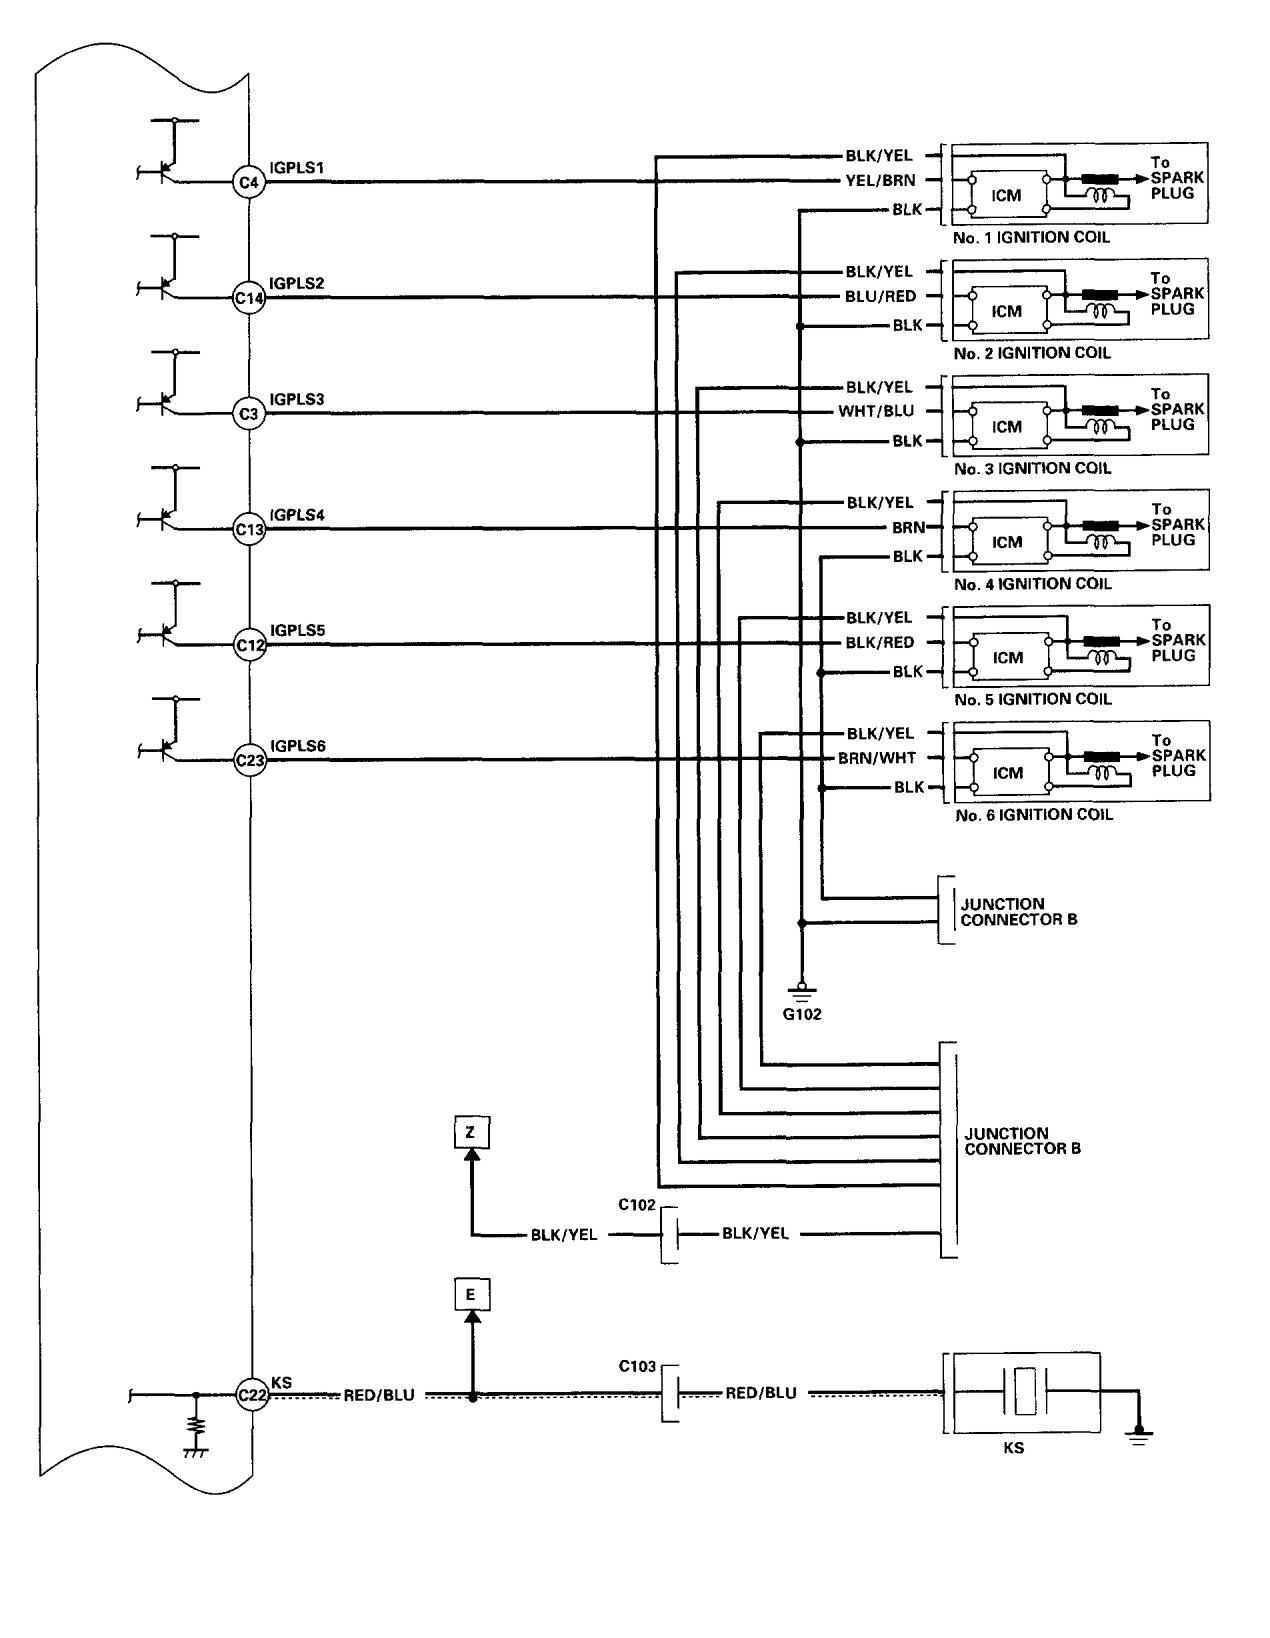 acura tl  2002  - wiring diagrams